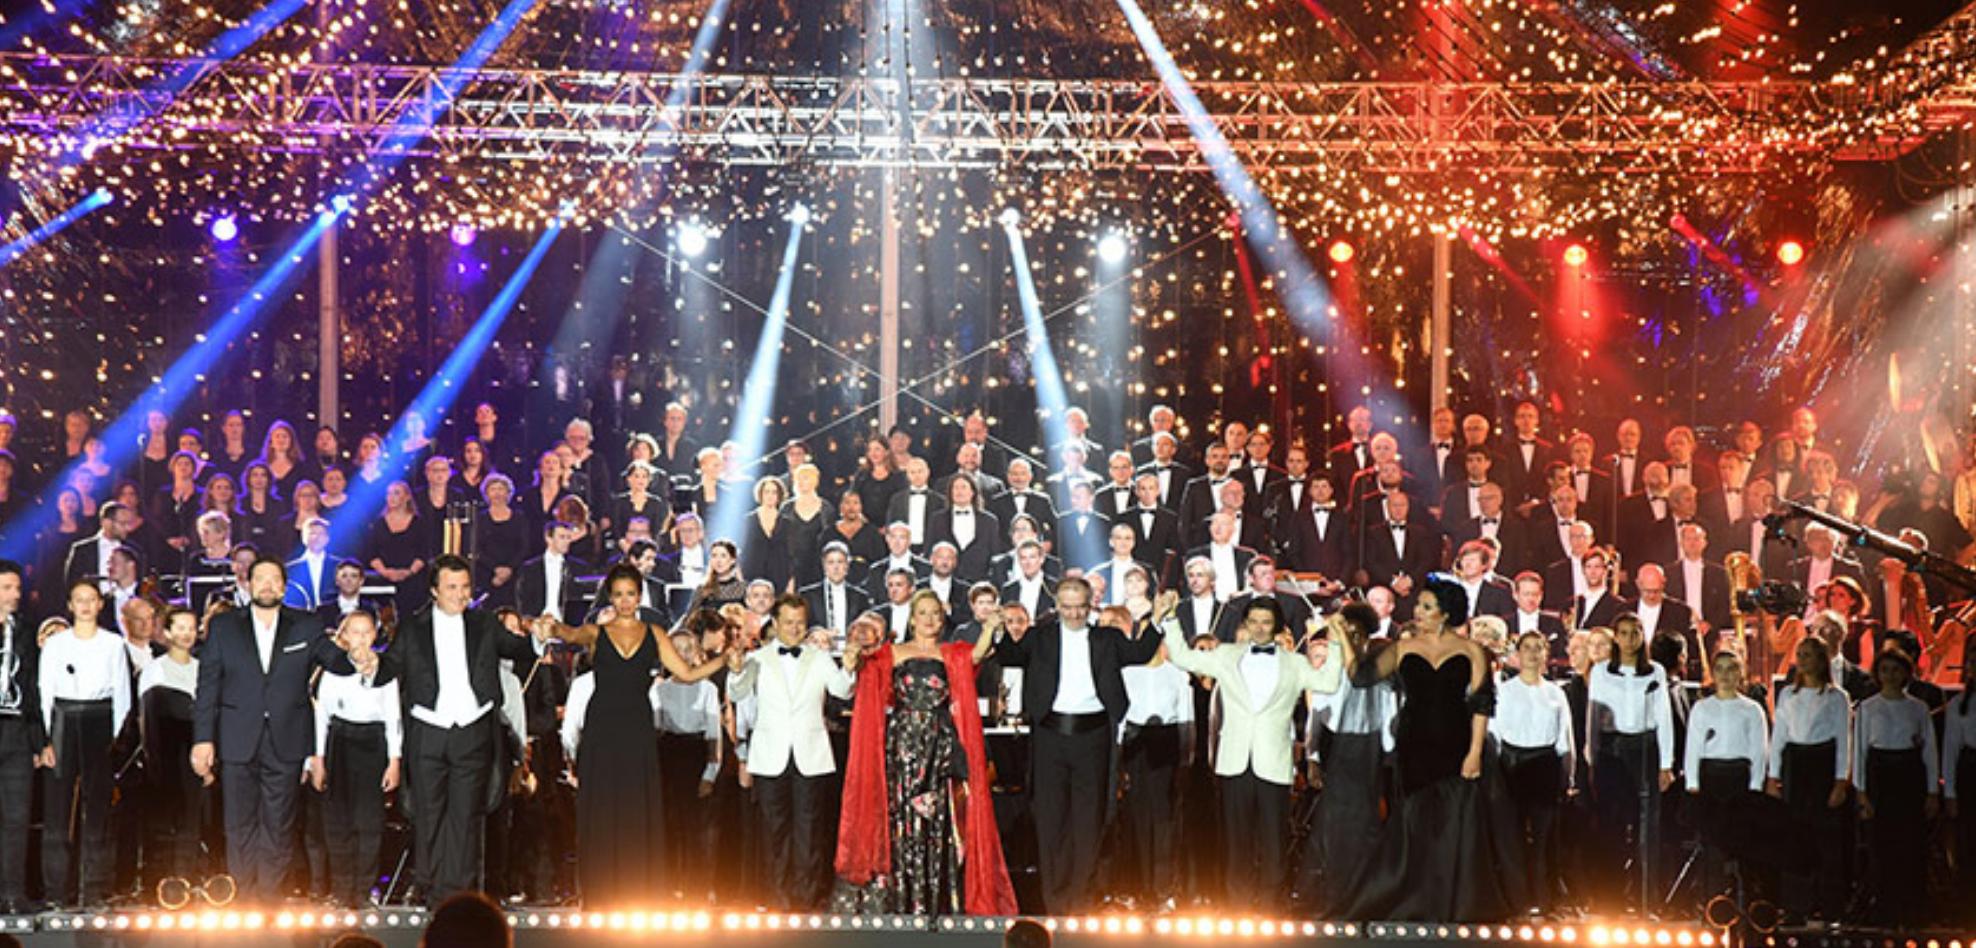 Le Concert de Paris du 14 juillet au Champ-de-Mars à Paris © Christophe Abramowitz / Radio France